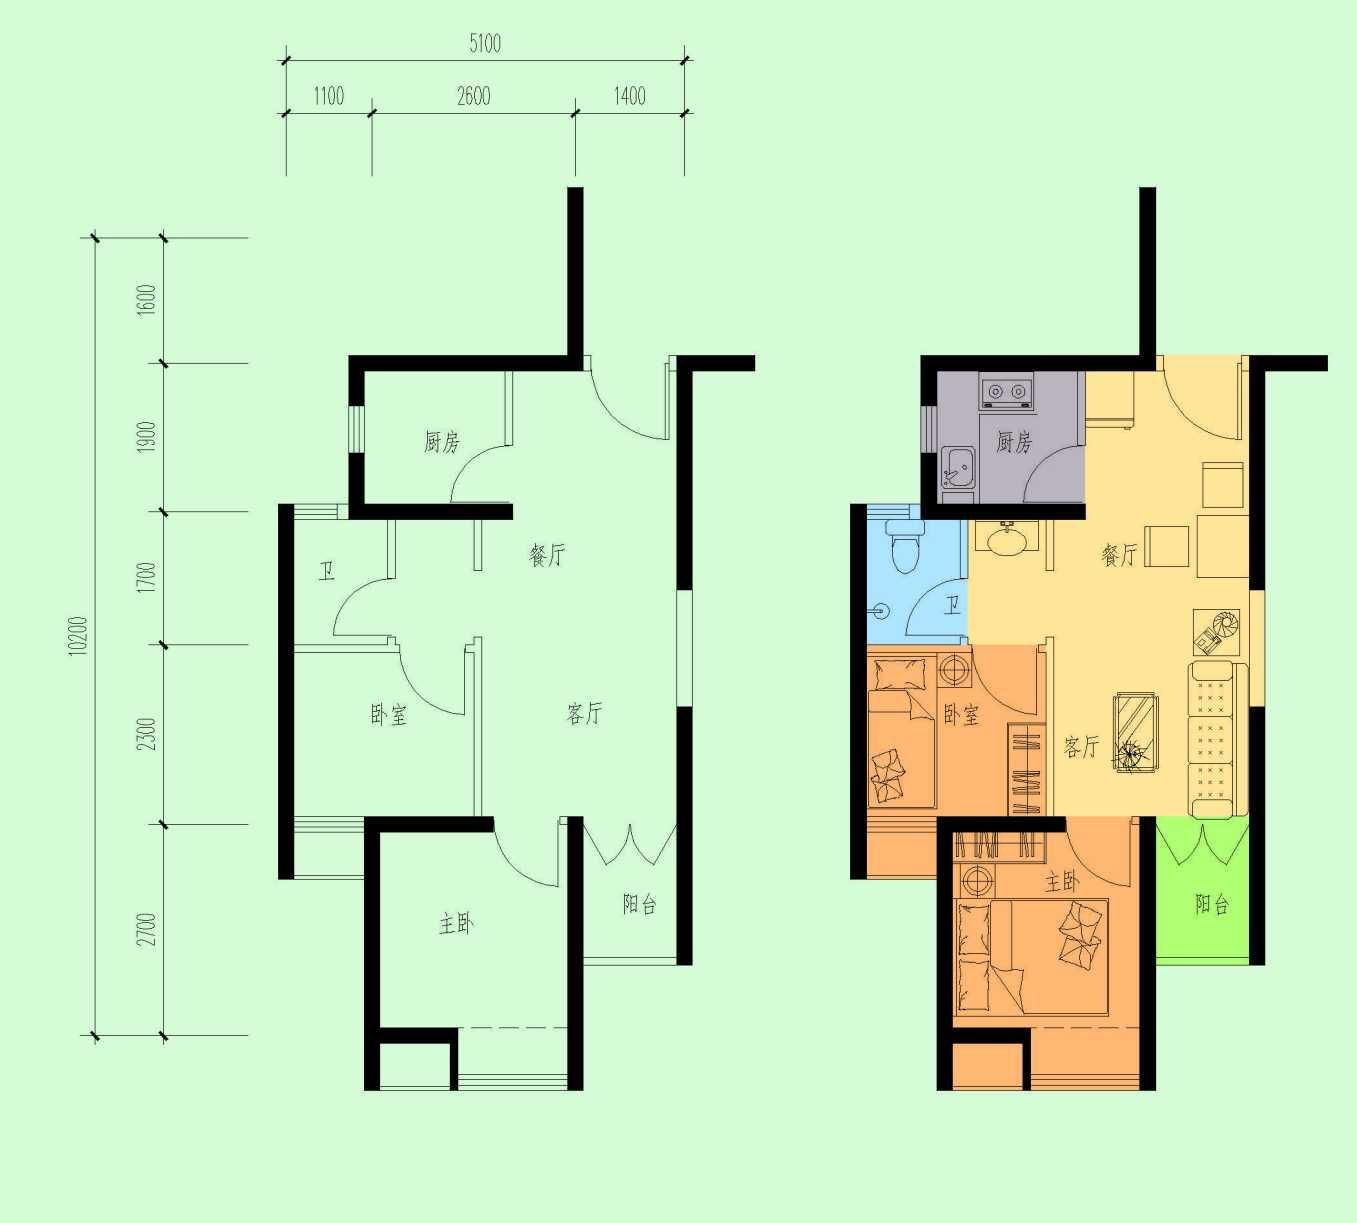 2017青岛市北公租房户型图